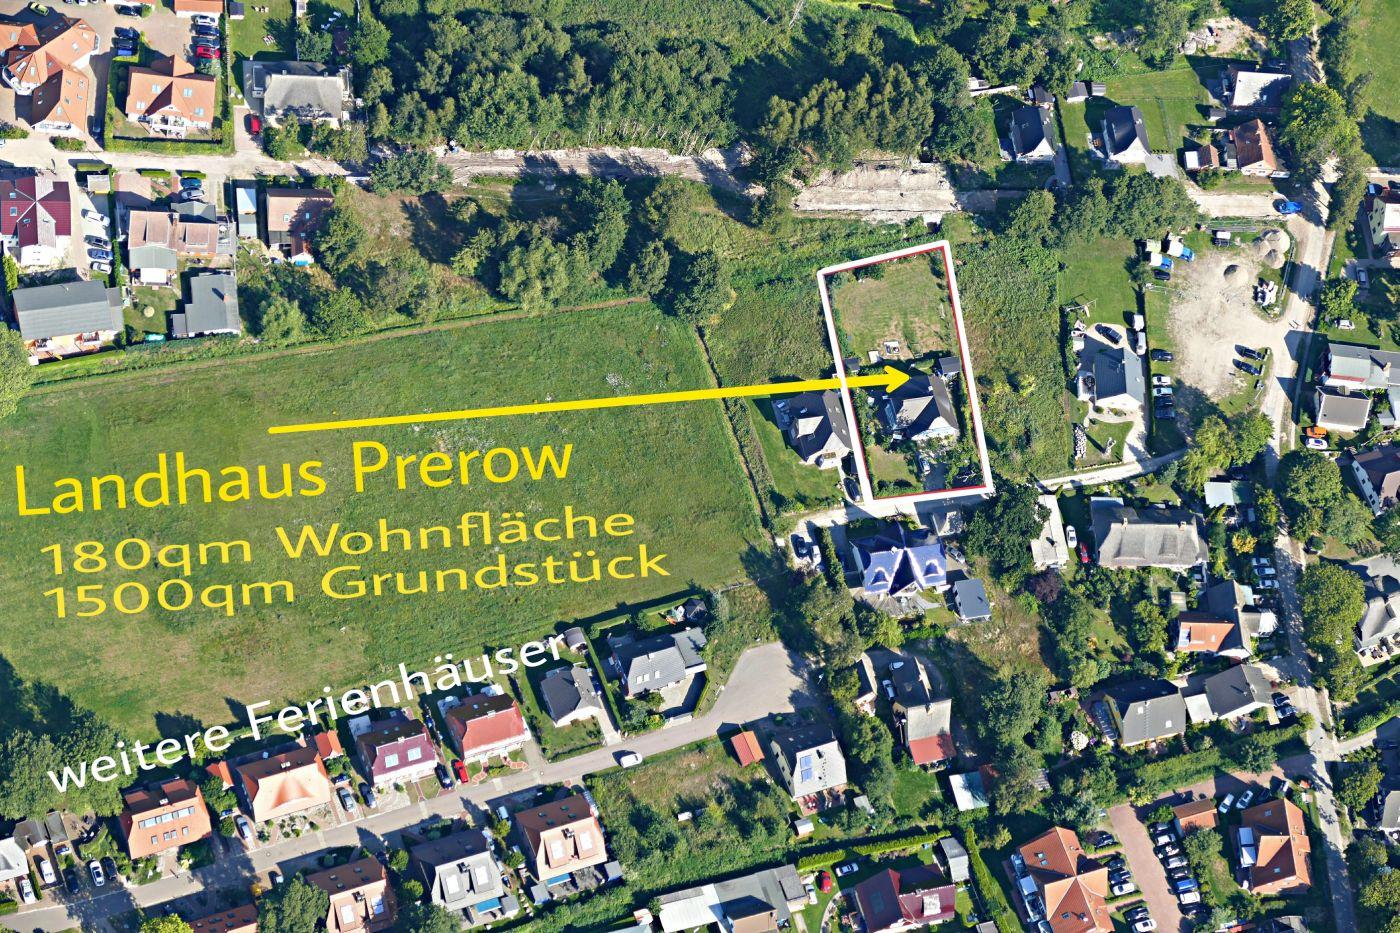 Das Ferienhaus Landhaus Prerow bietet eine Wohnfläche von 180m² sowie ein großzügiges, rund 1500m2 großes Grundstück.